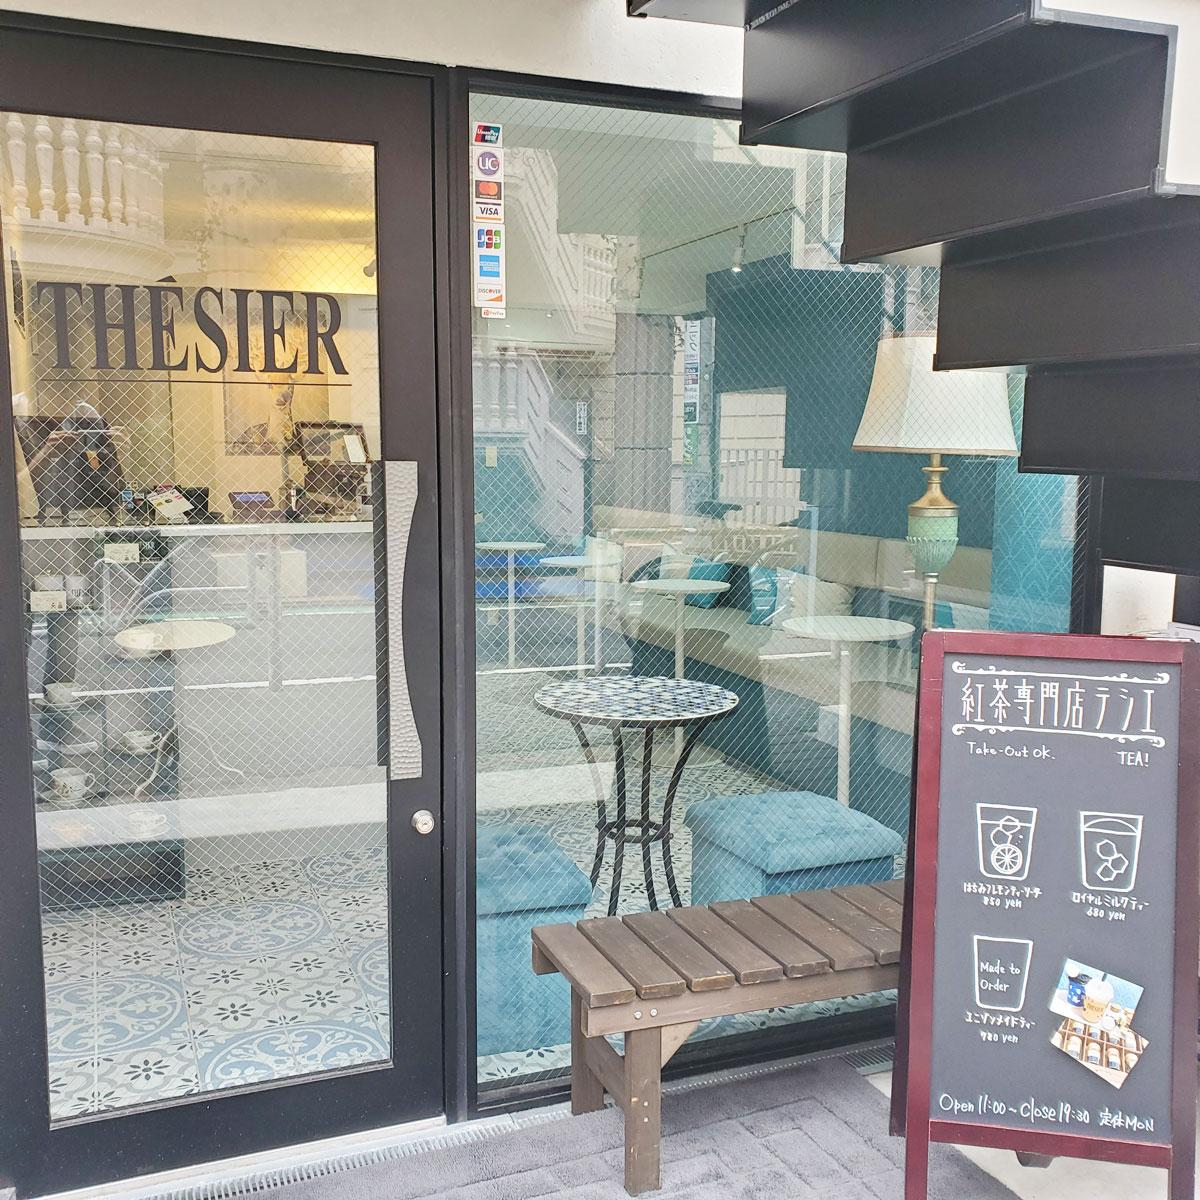 昼は紅茶専門店、夜はシャンパンバーとなる「テシエ」の外観